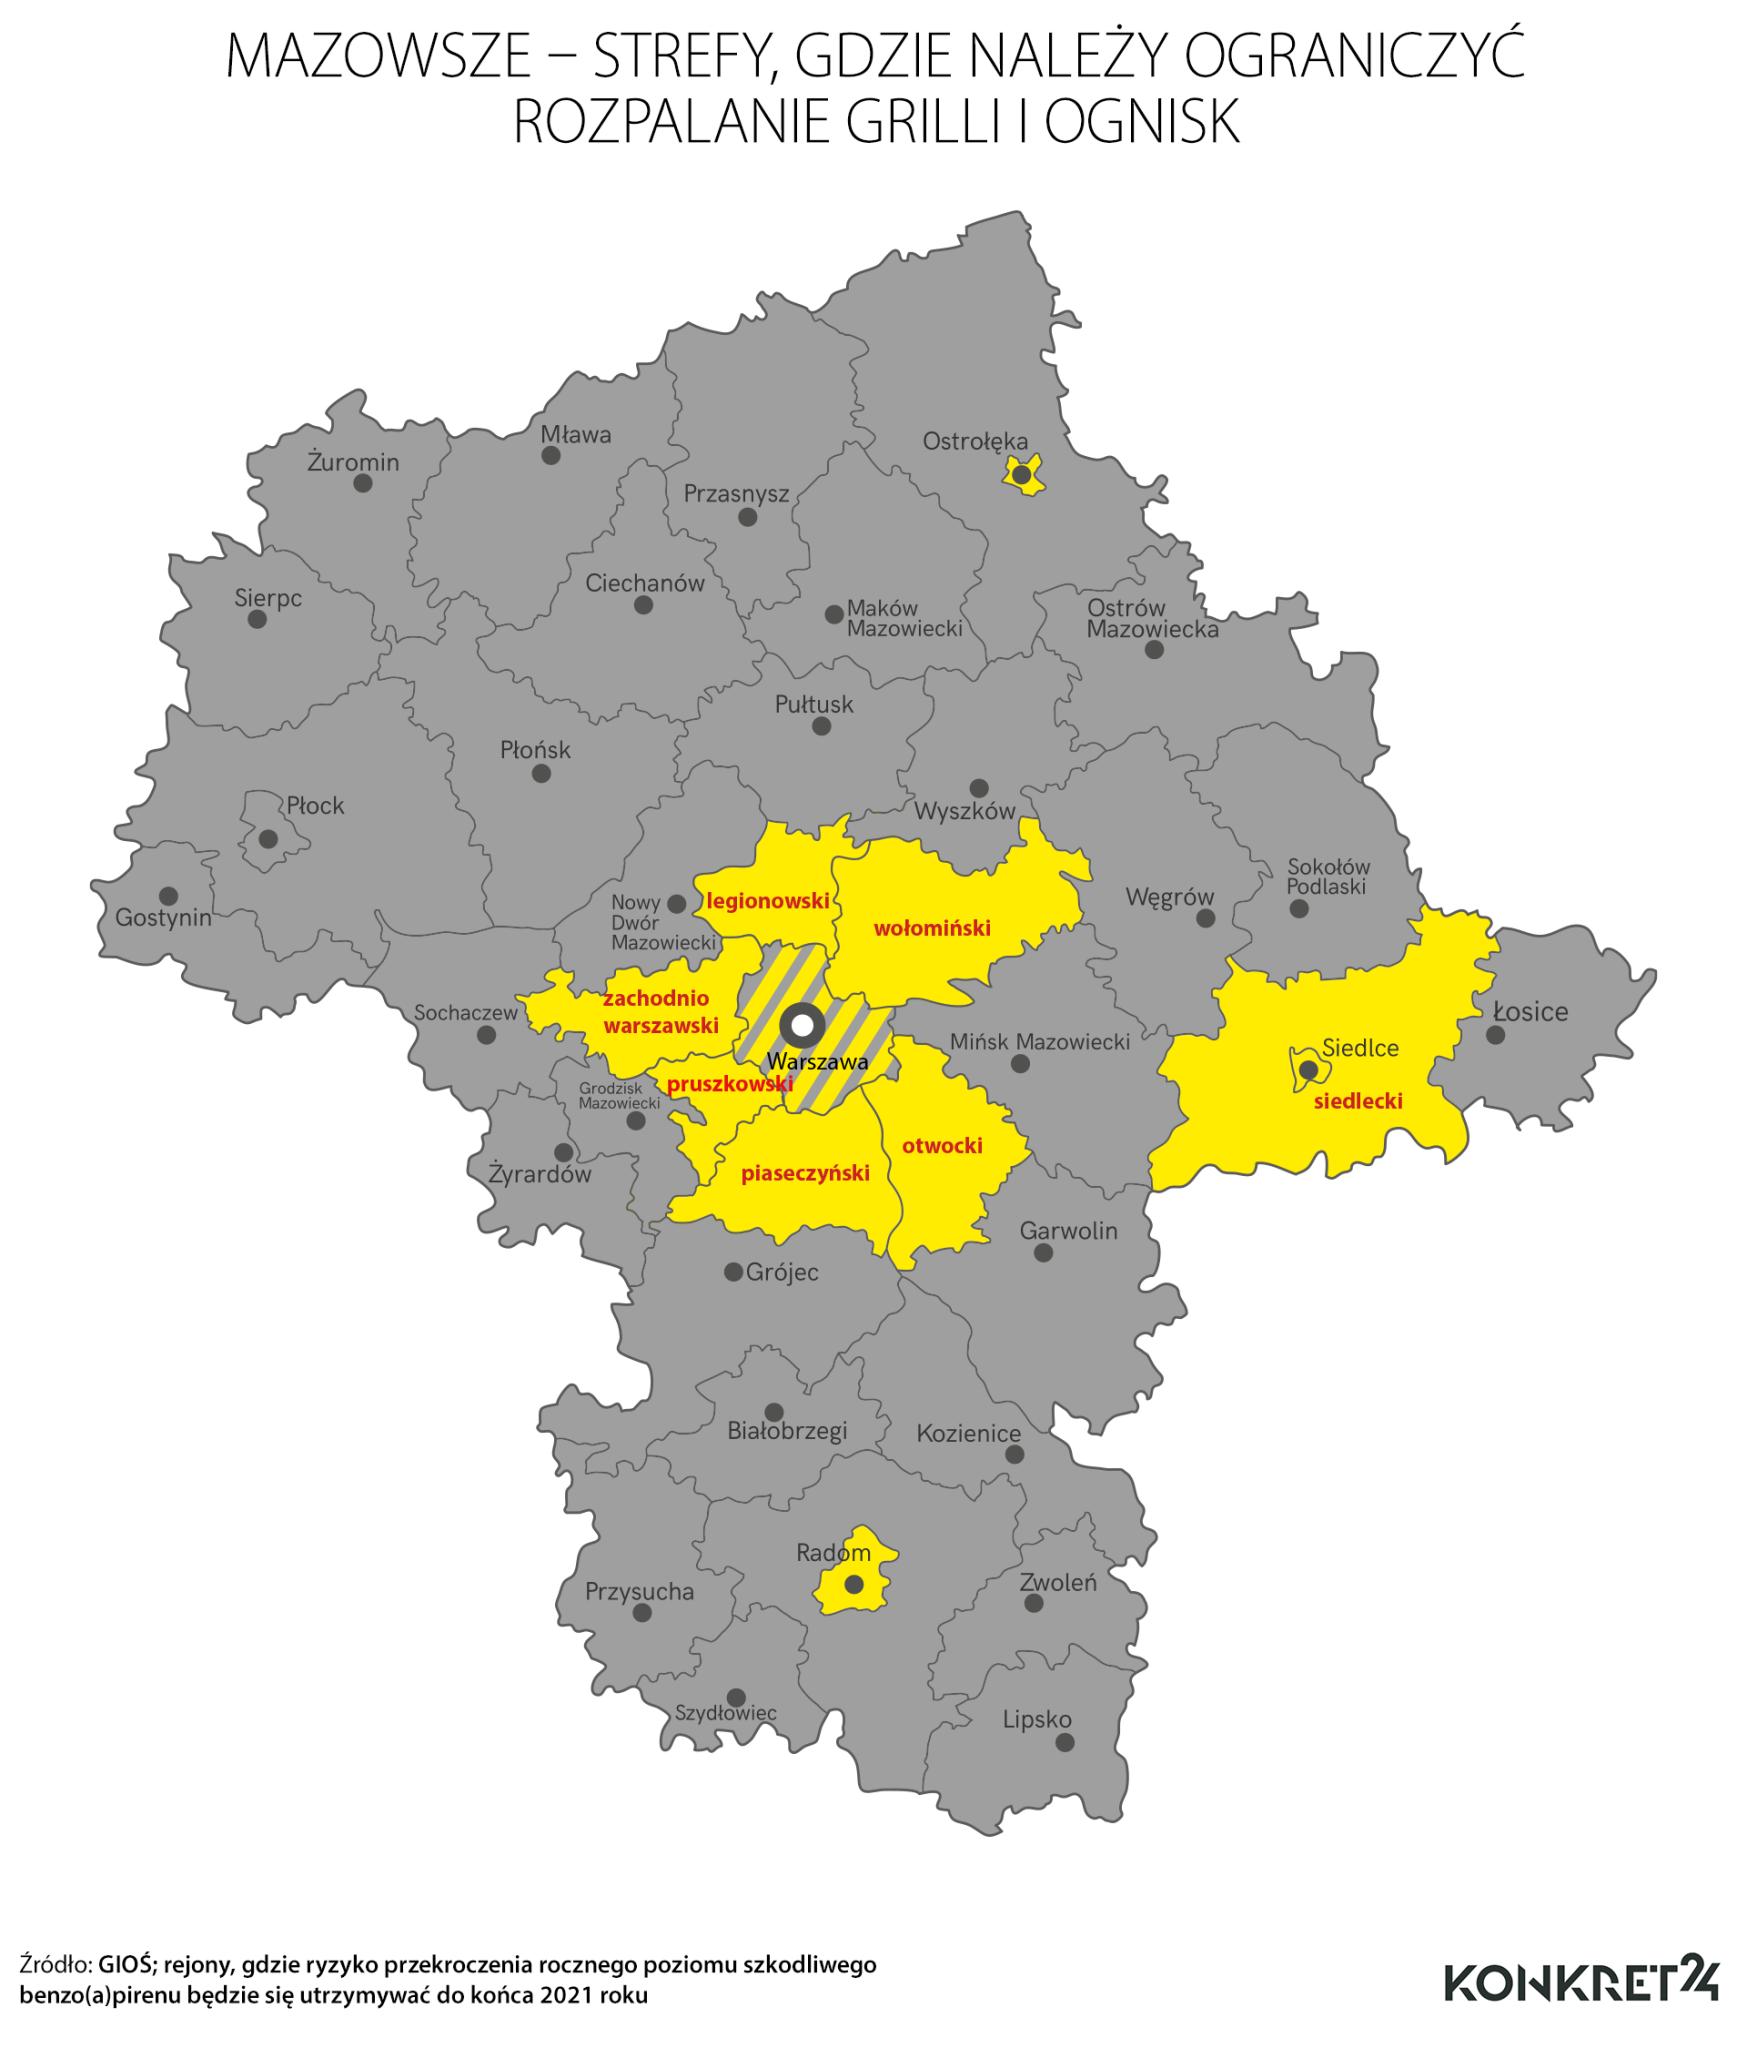 Mazowsze - strefy, gdzie należy ograniczyć rozpalanie grilli i ognisk